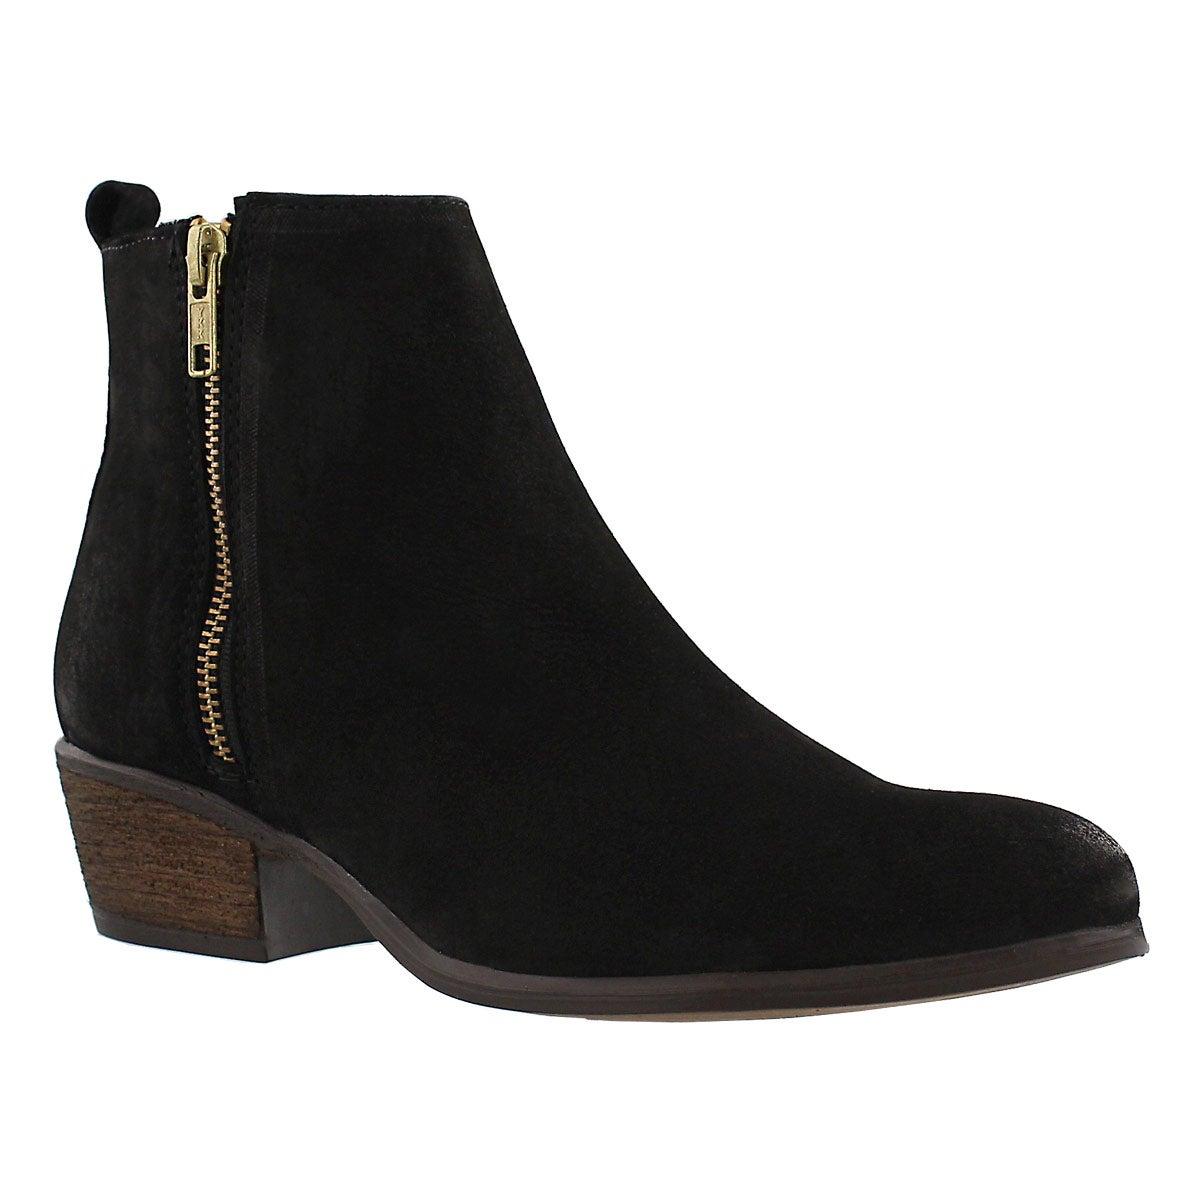 Women's NEOVISTA black nubuck zip up ankle boots